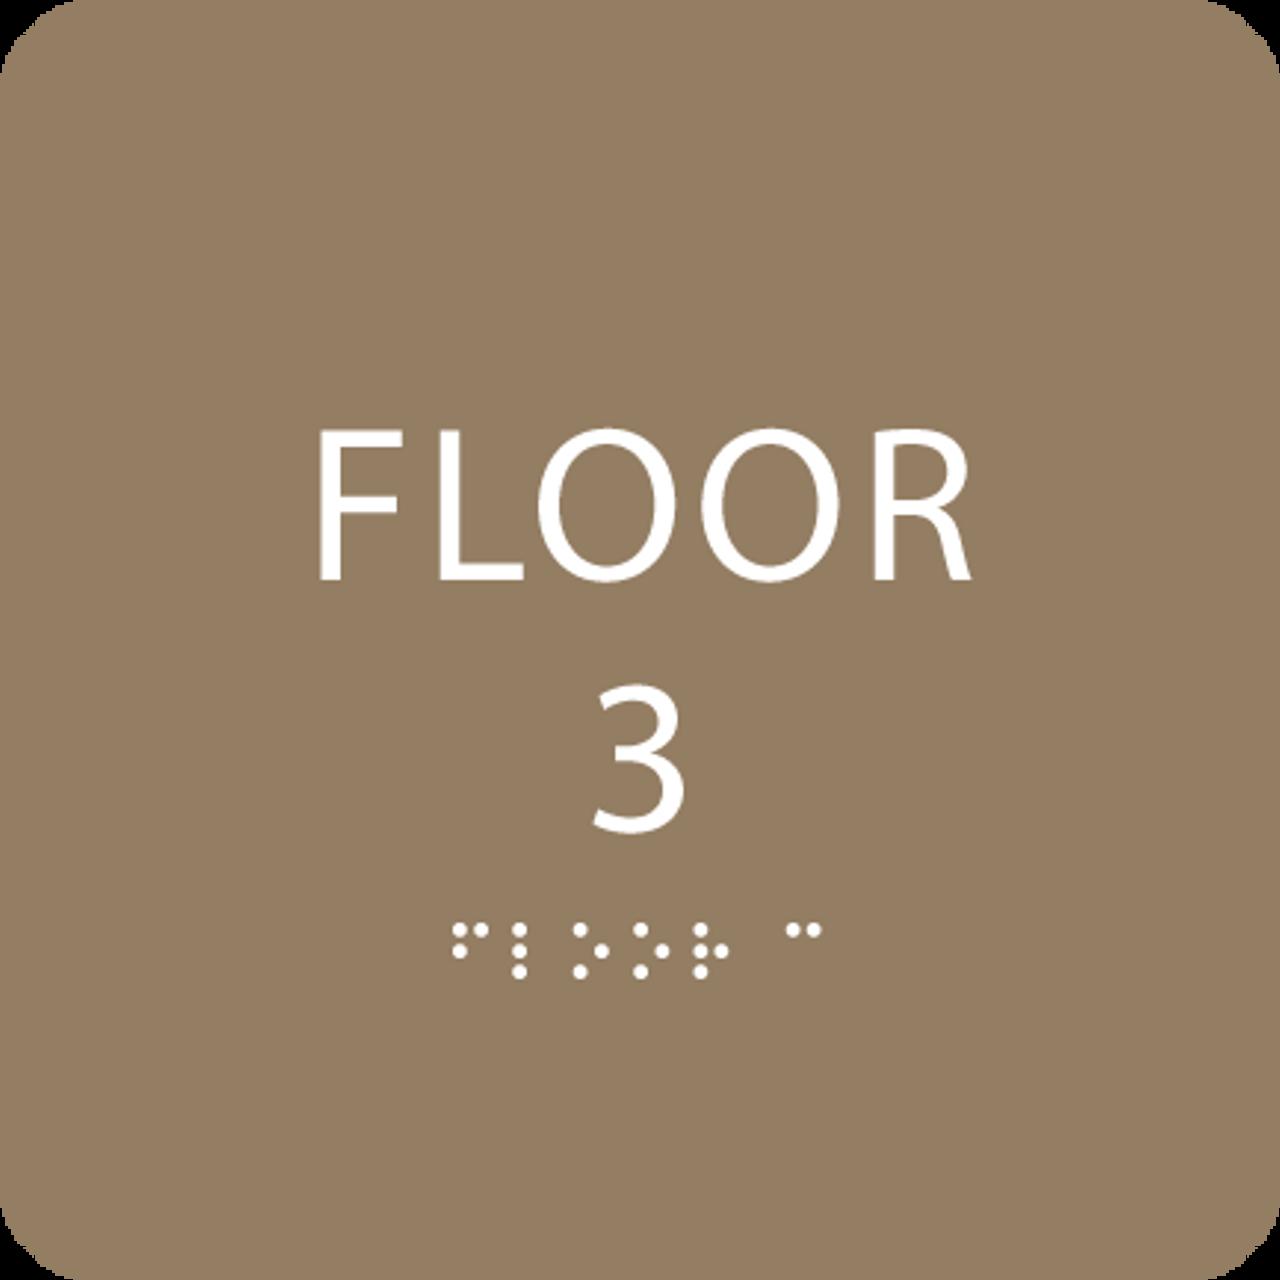 Brown Floor 3 Identification Sign